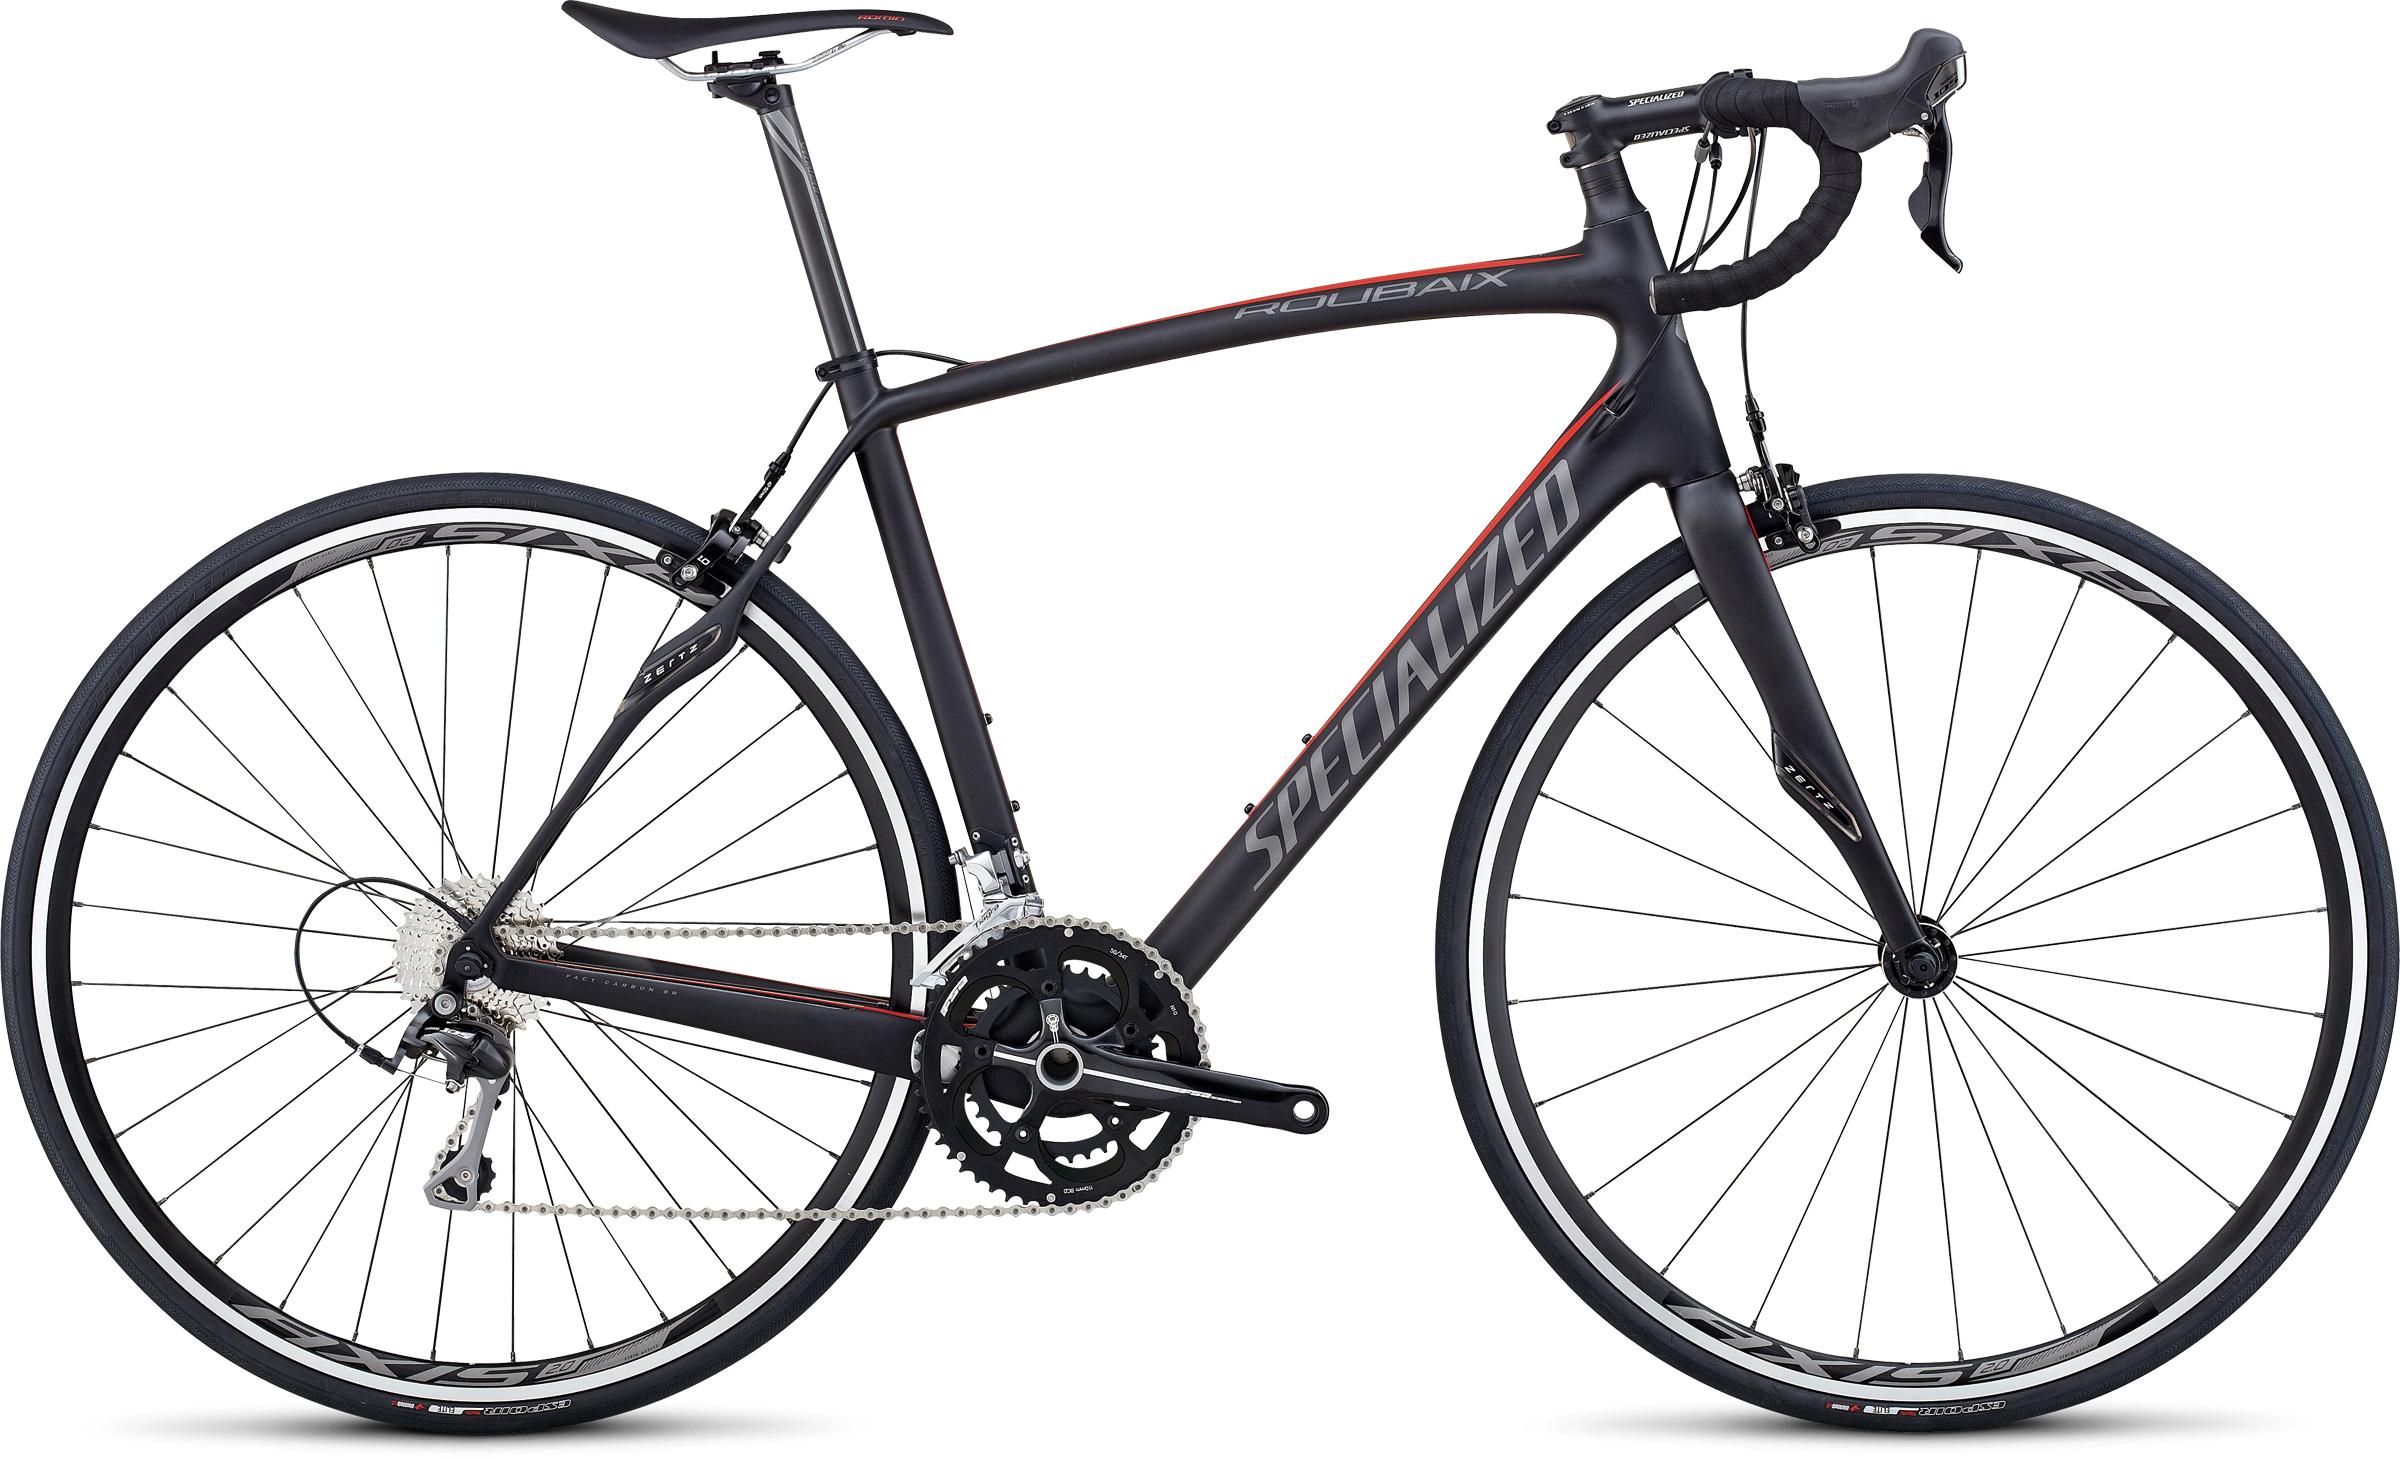 Specialized Roubaix Sl4 Sport 105 Bikesource Bike Shop